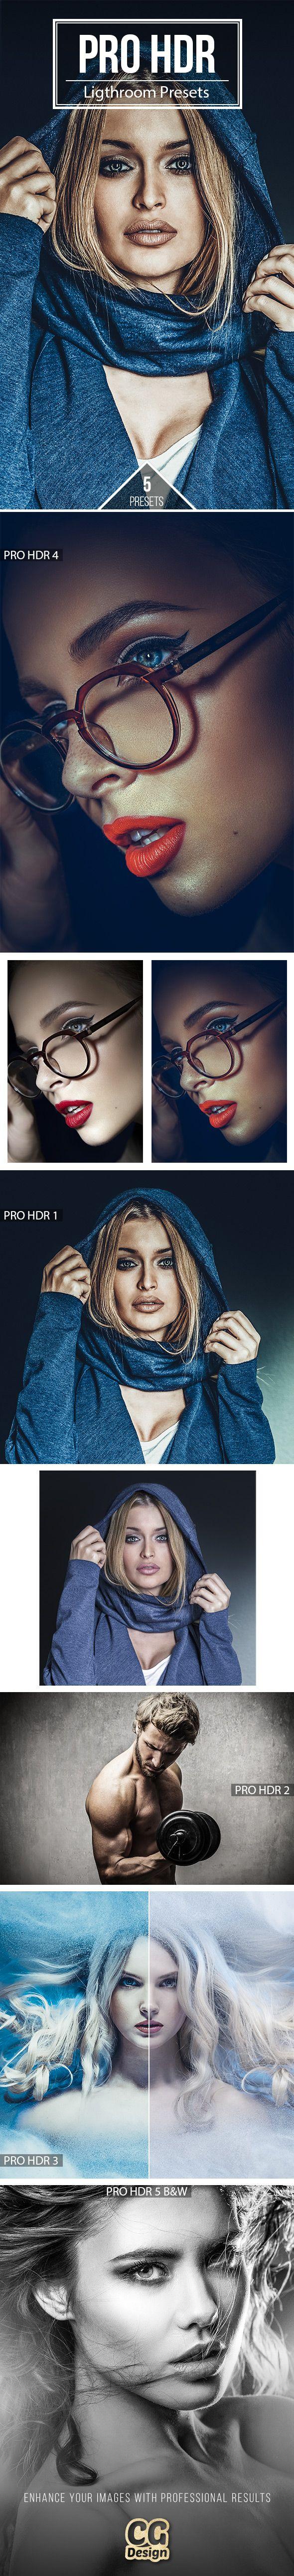 PRO HDR  - 5 Premium Lightroom Presets - #Lightroom #Presets Add-ons